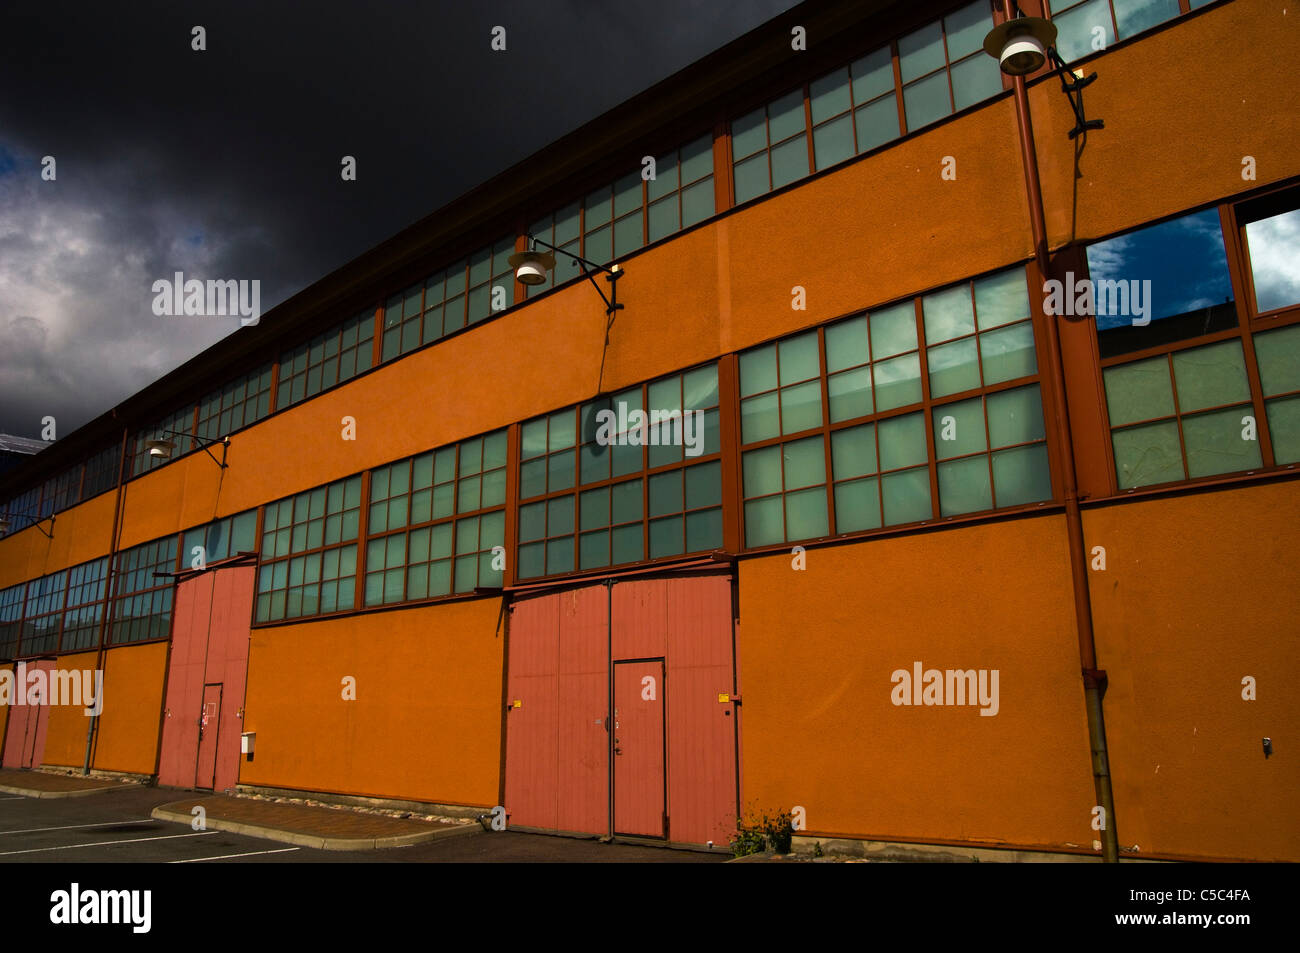 Außenaufnahme eines alten Fabrikgebäudes Stockbild